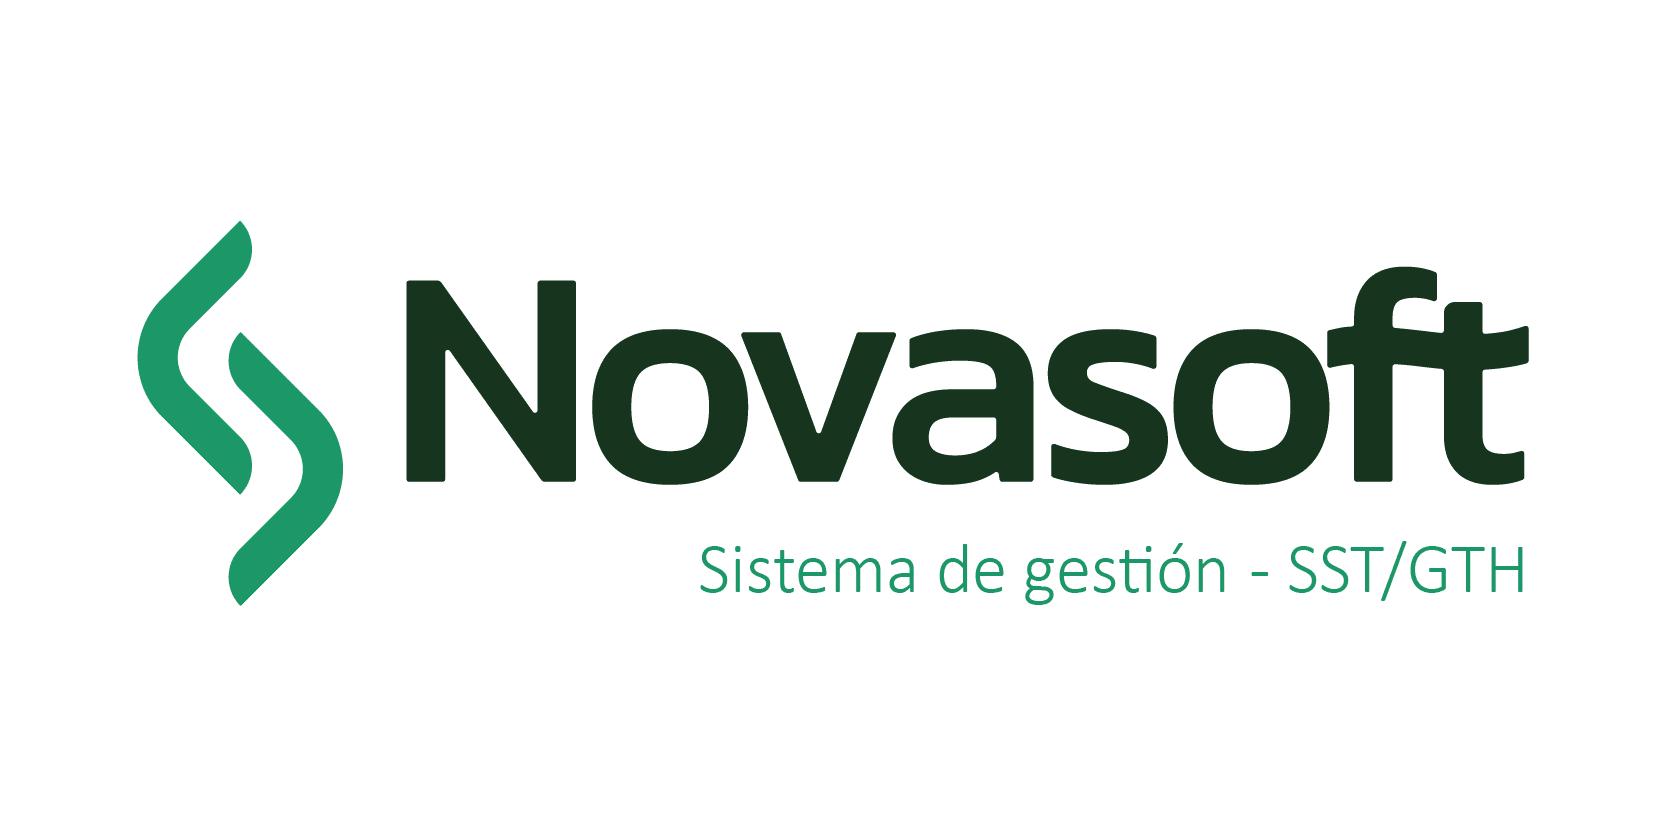 NOVASOFT GTH  - Sistema de Gestión de Seguridad y Salud en el Trabajo